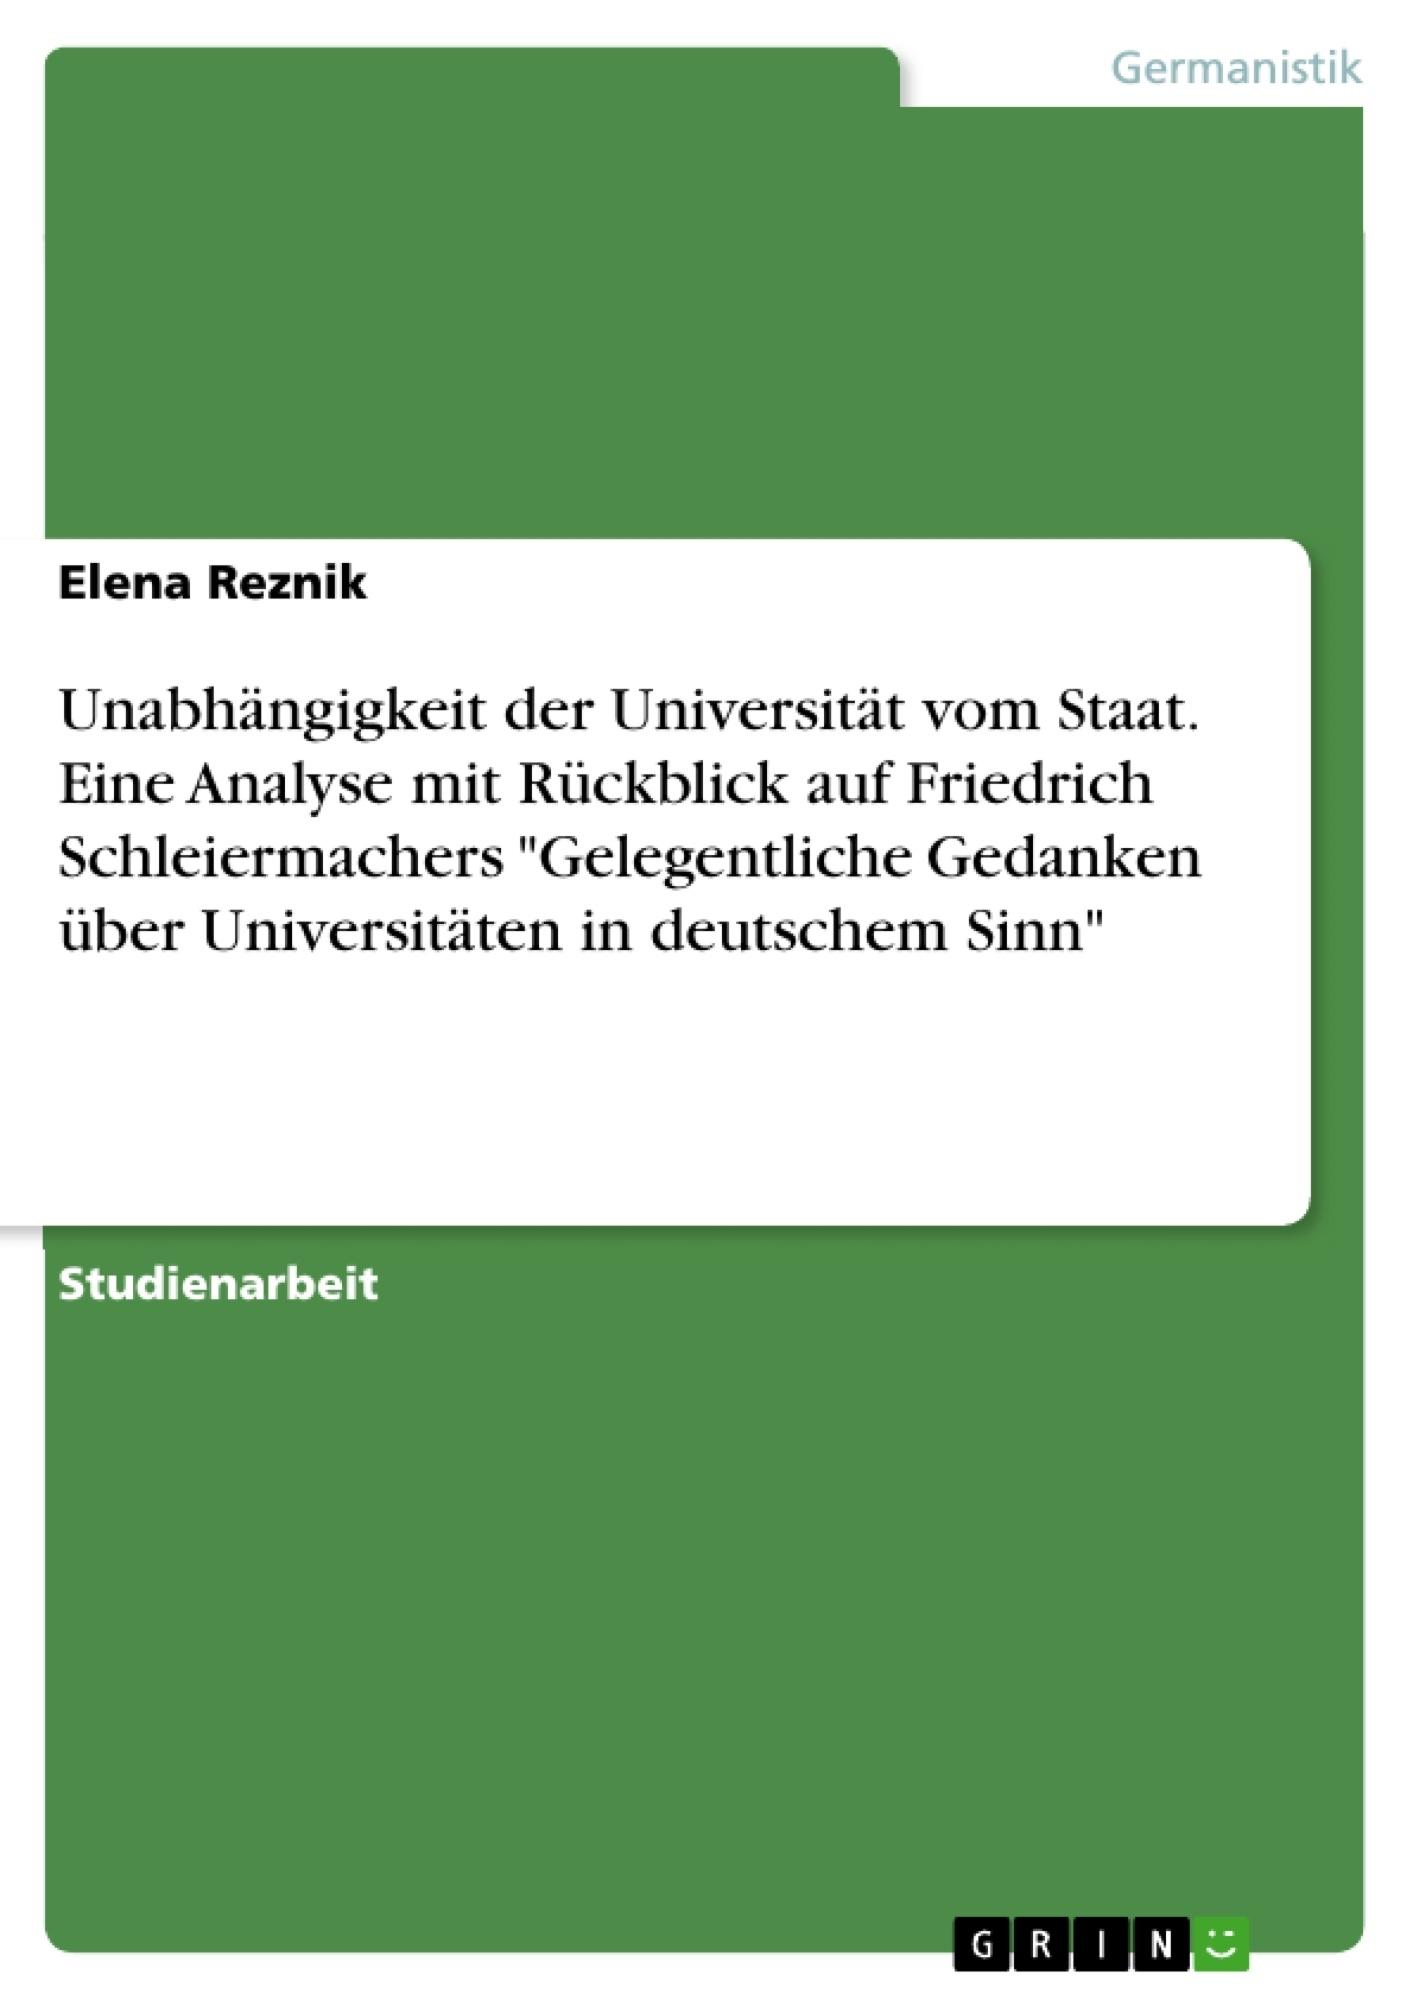 """Titel: Unabhängigkeit der Universität vom Staat. Eine Analyse mit Rückblick auf Friedrich Schleiermachers """"Gelegentliche Gedanken über Universitäten in deutschem Sinn"""""""